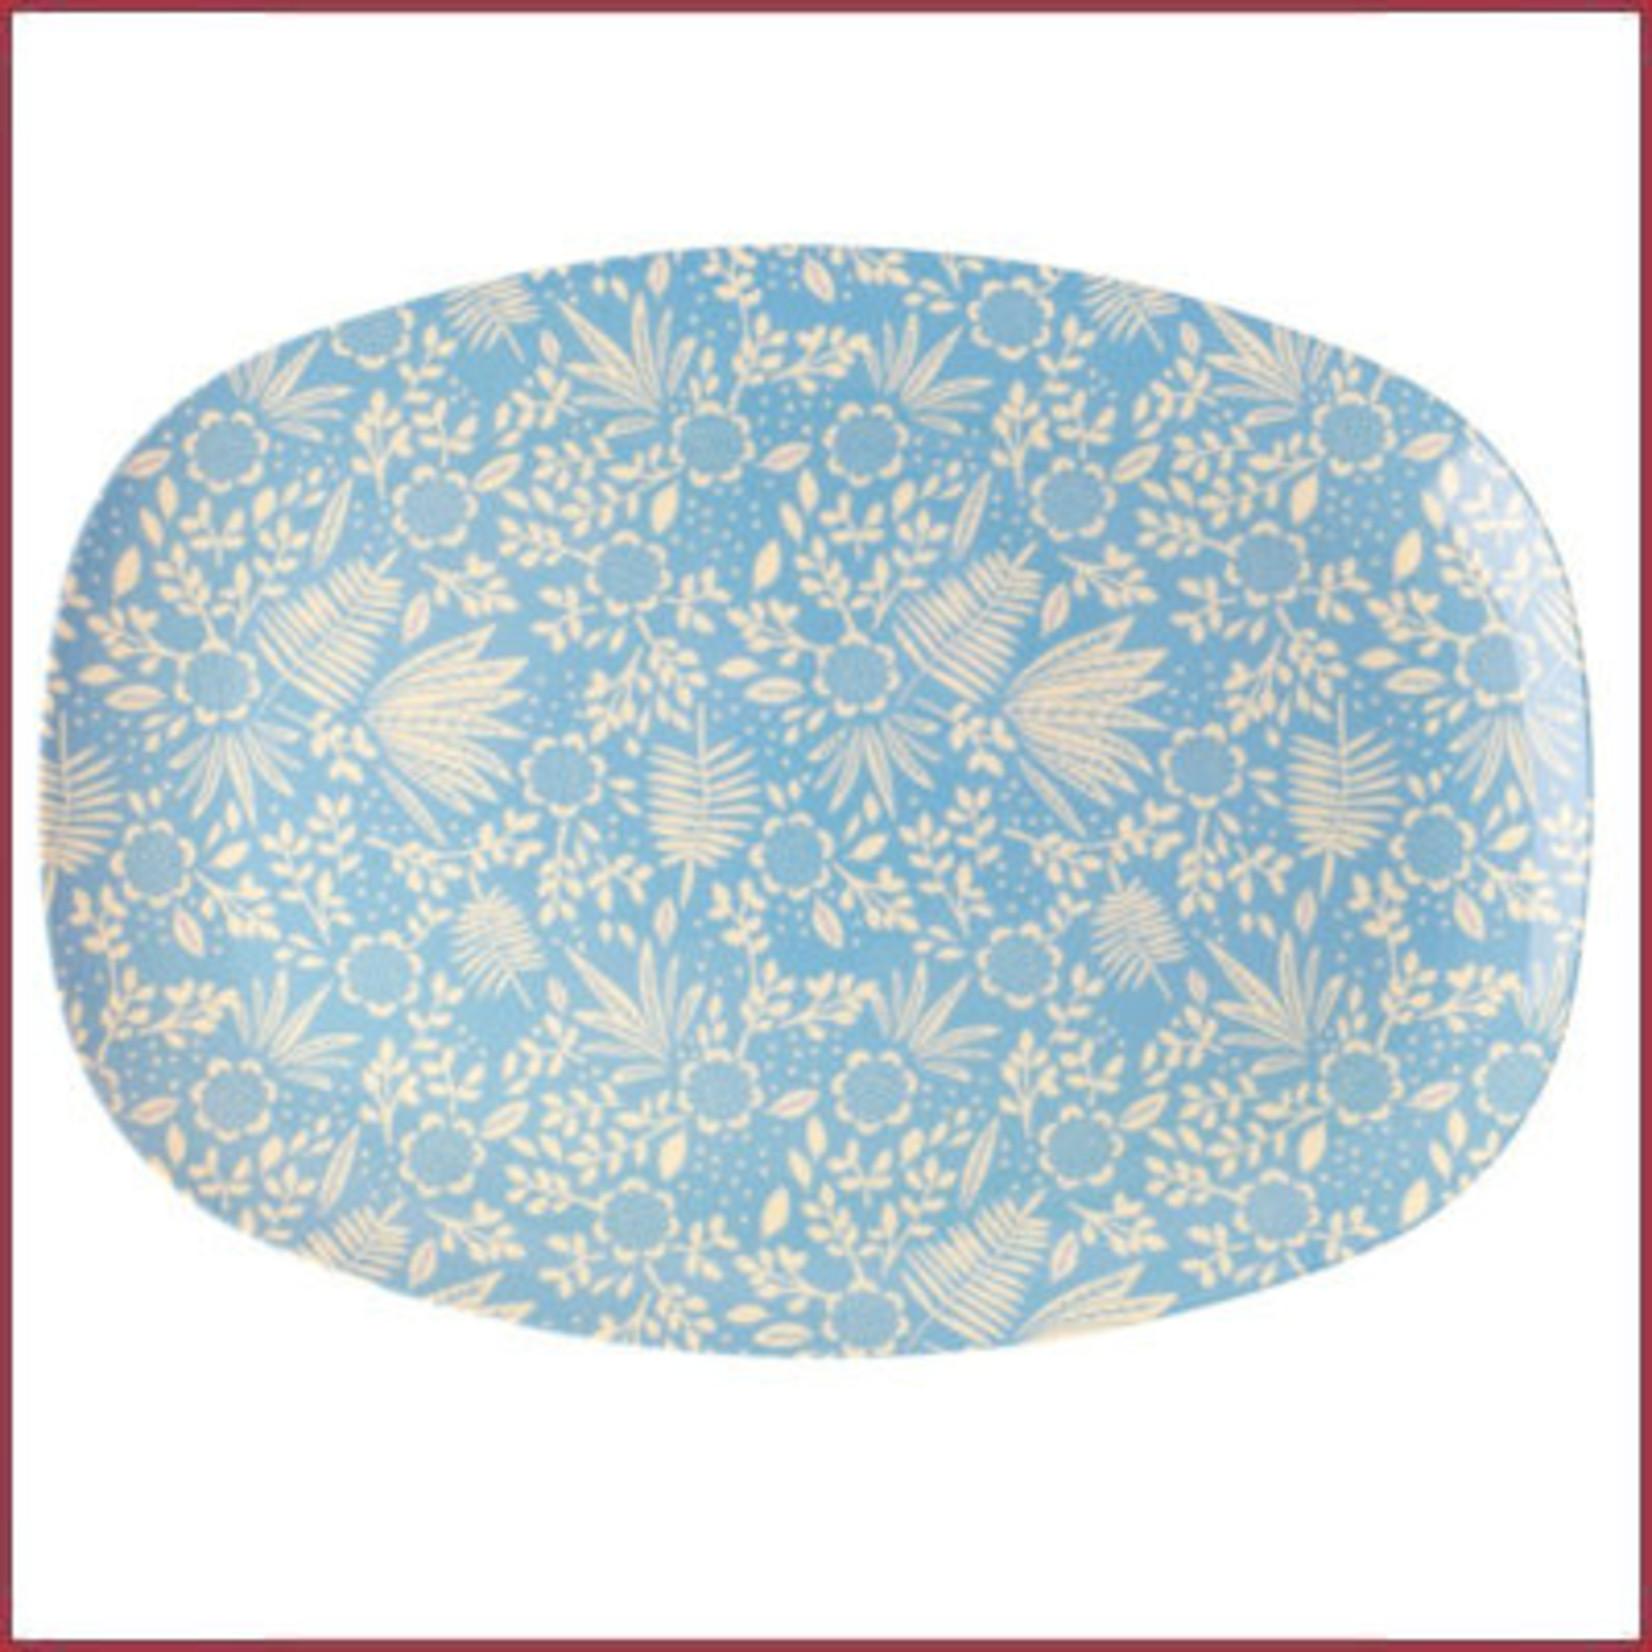 Rice Rice Melamine Rectangular Plate met Blue Fern & Flower Print